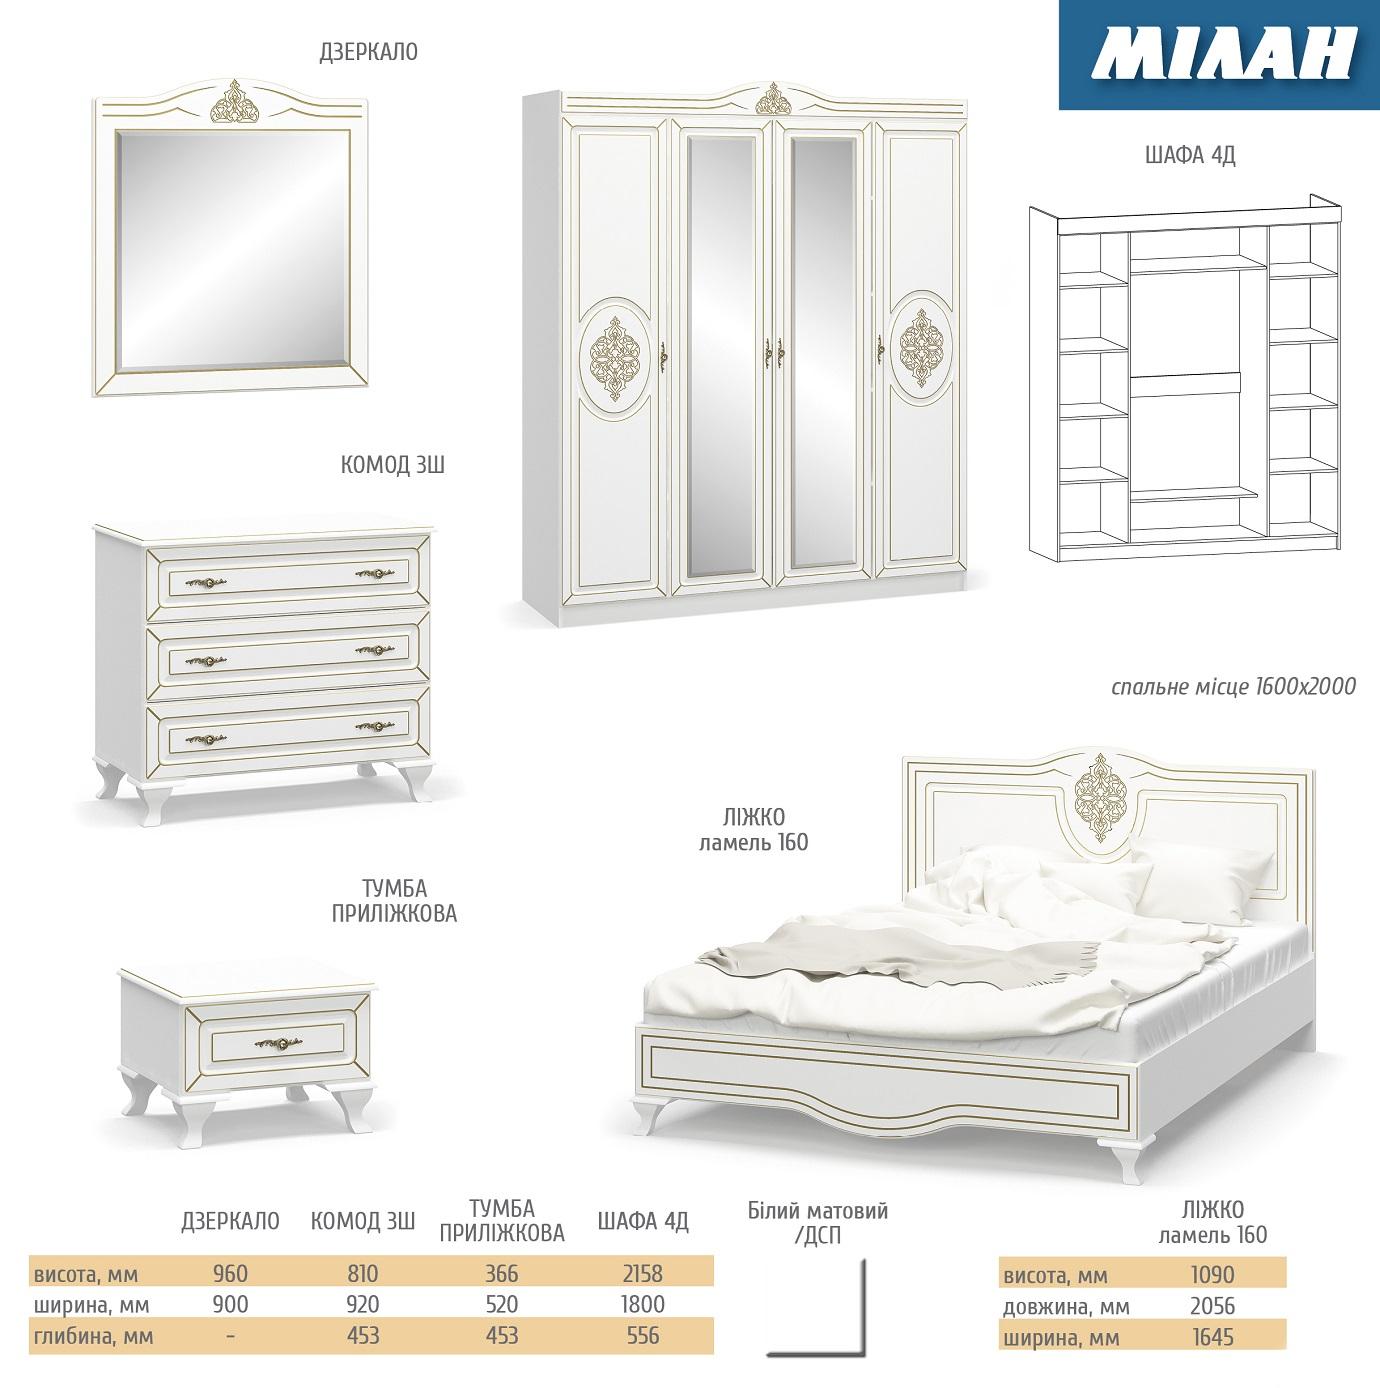 Спальня МІЛАН